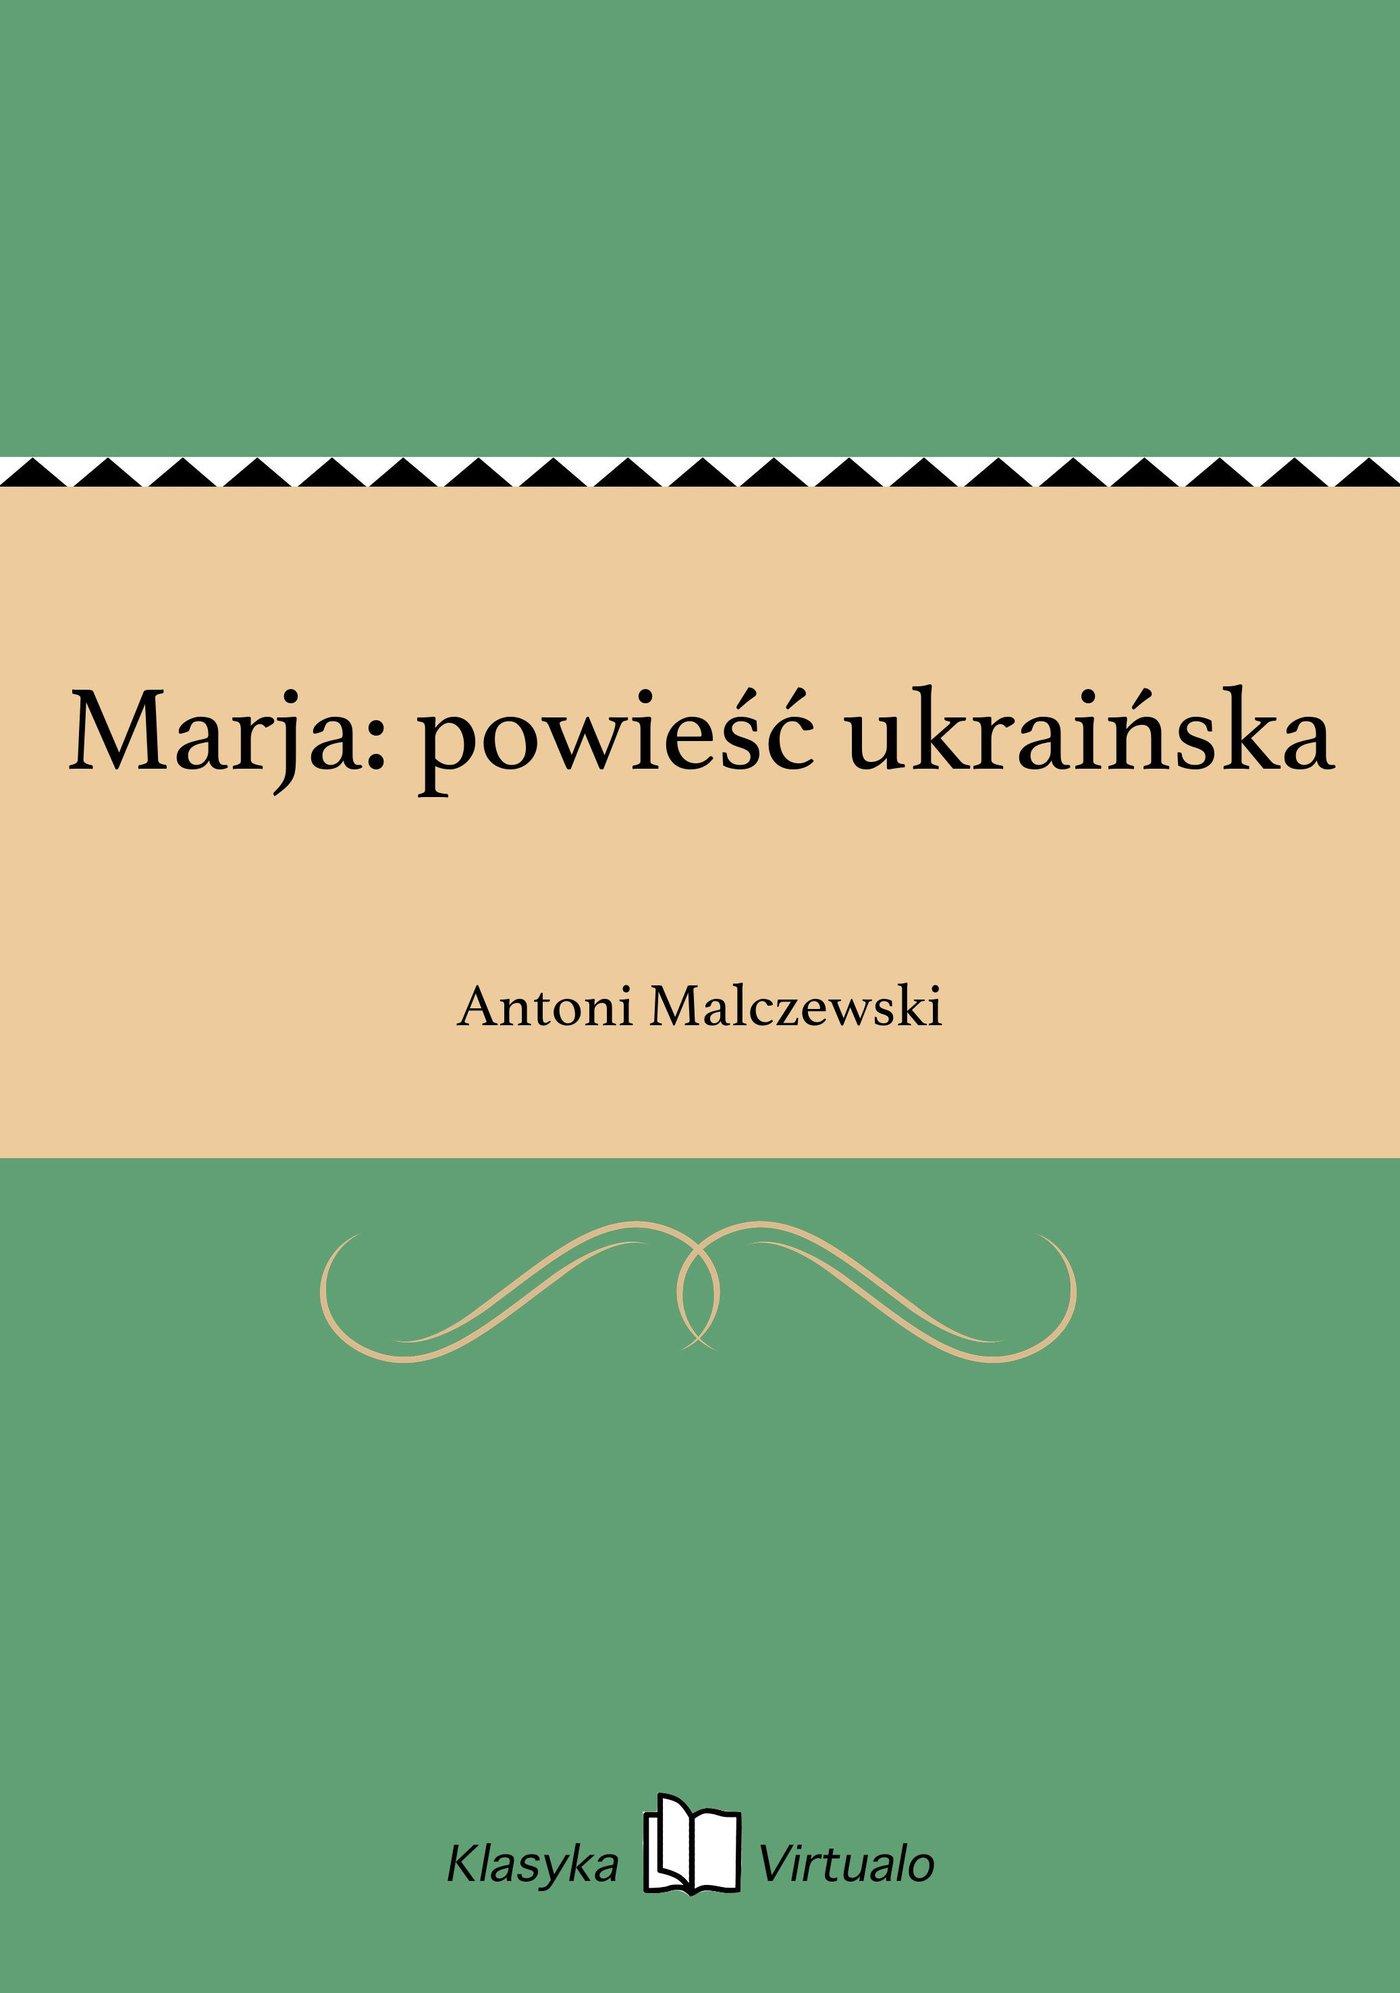 Marja: powieść ukraińska - Ebook (Książka EPUB) do pobrania w formacie EPUB